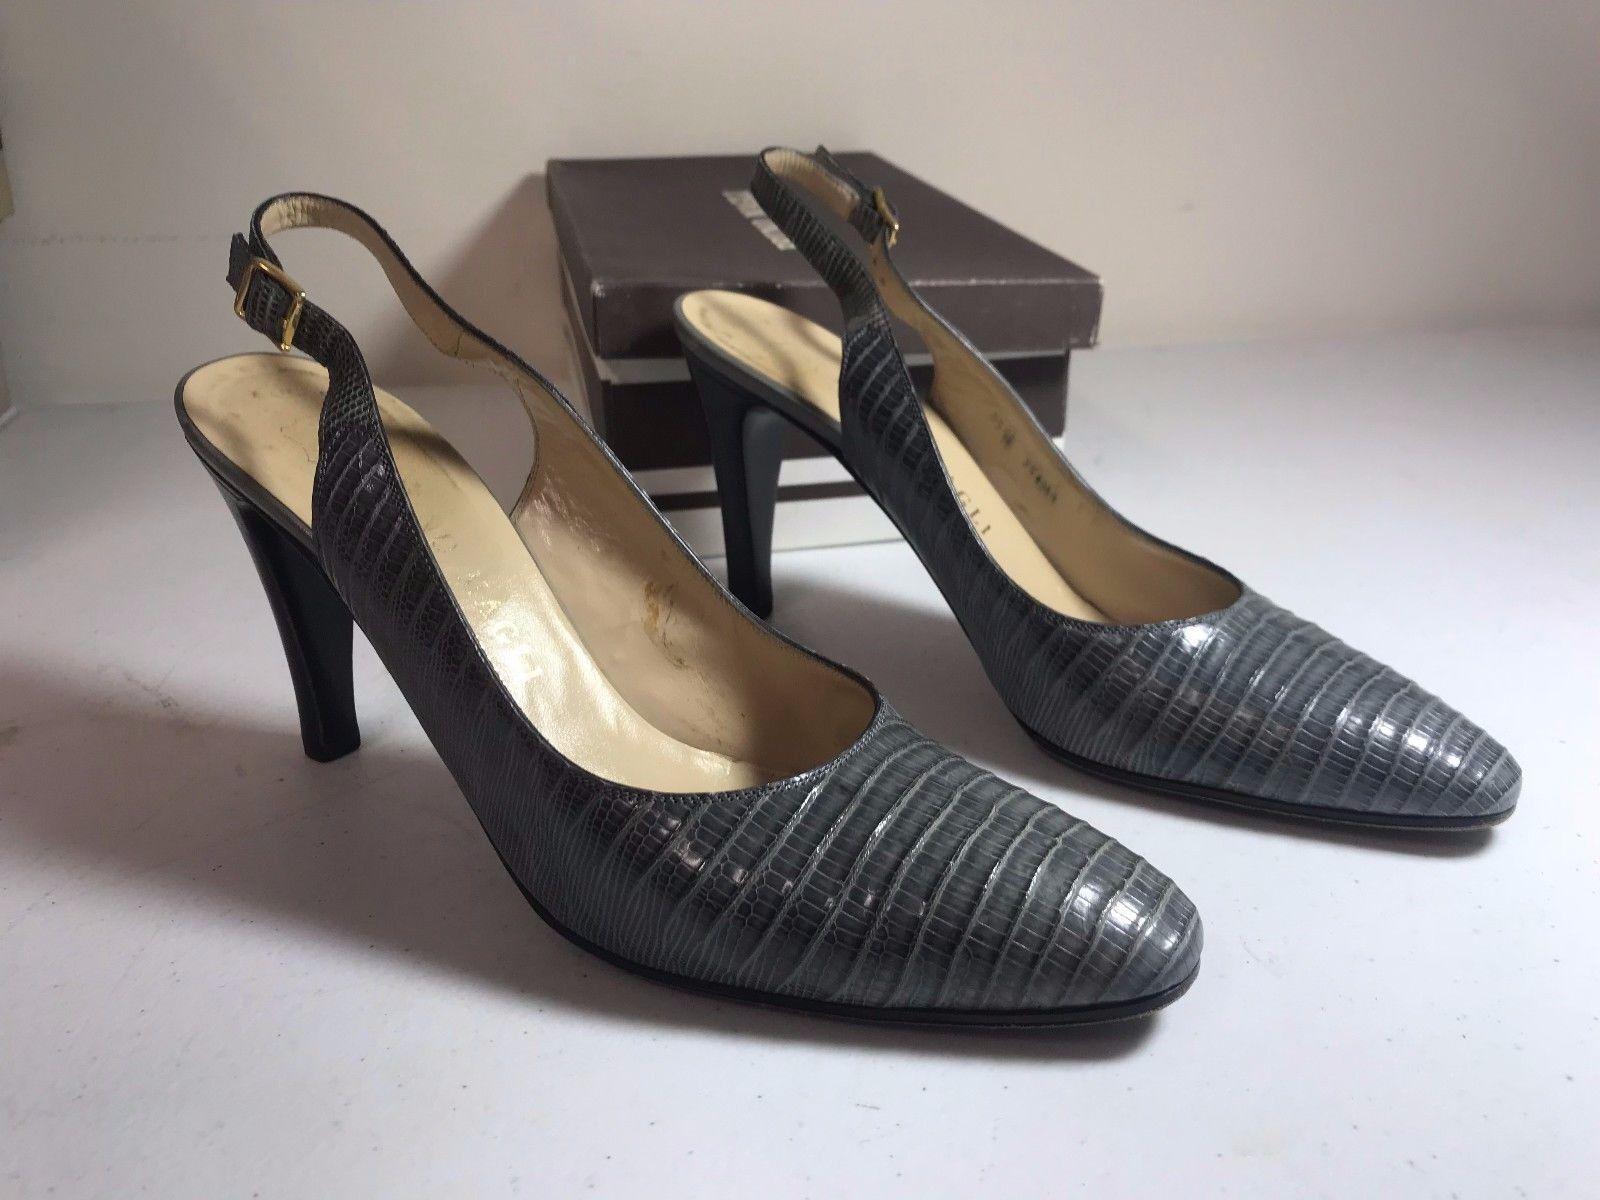 acquista la qualità autentica al 100% Italian Bruno Magli Magli Magli donna Slingback Teyus grigio Leather Heel SZ 8.5 AAAA  nuovo sadico